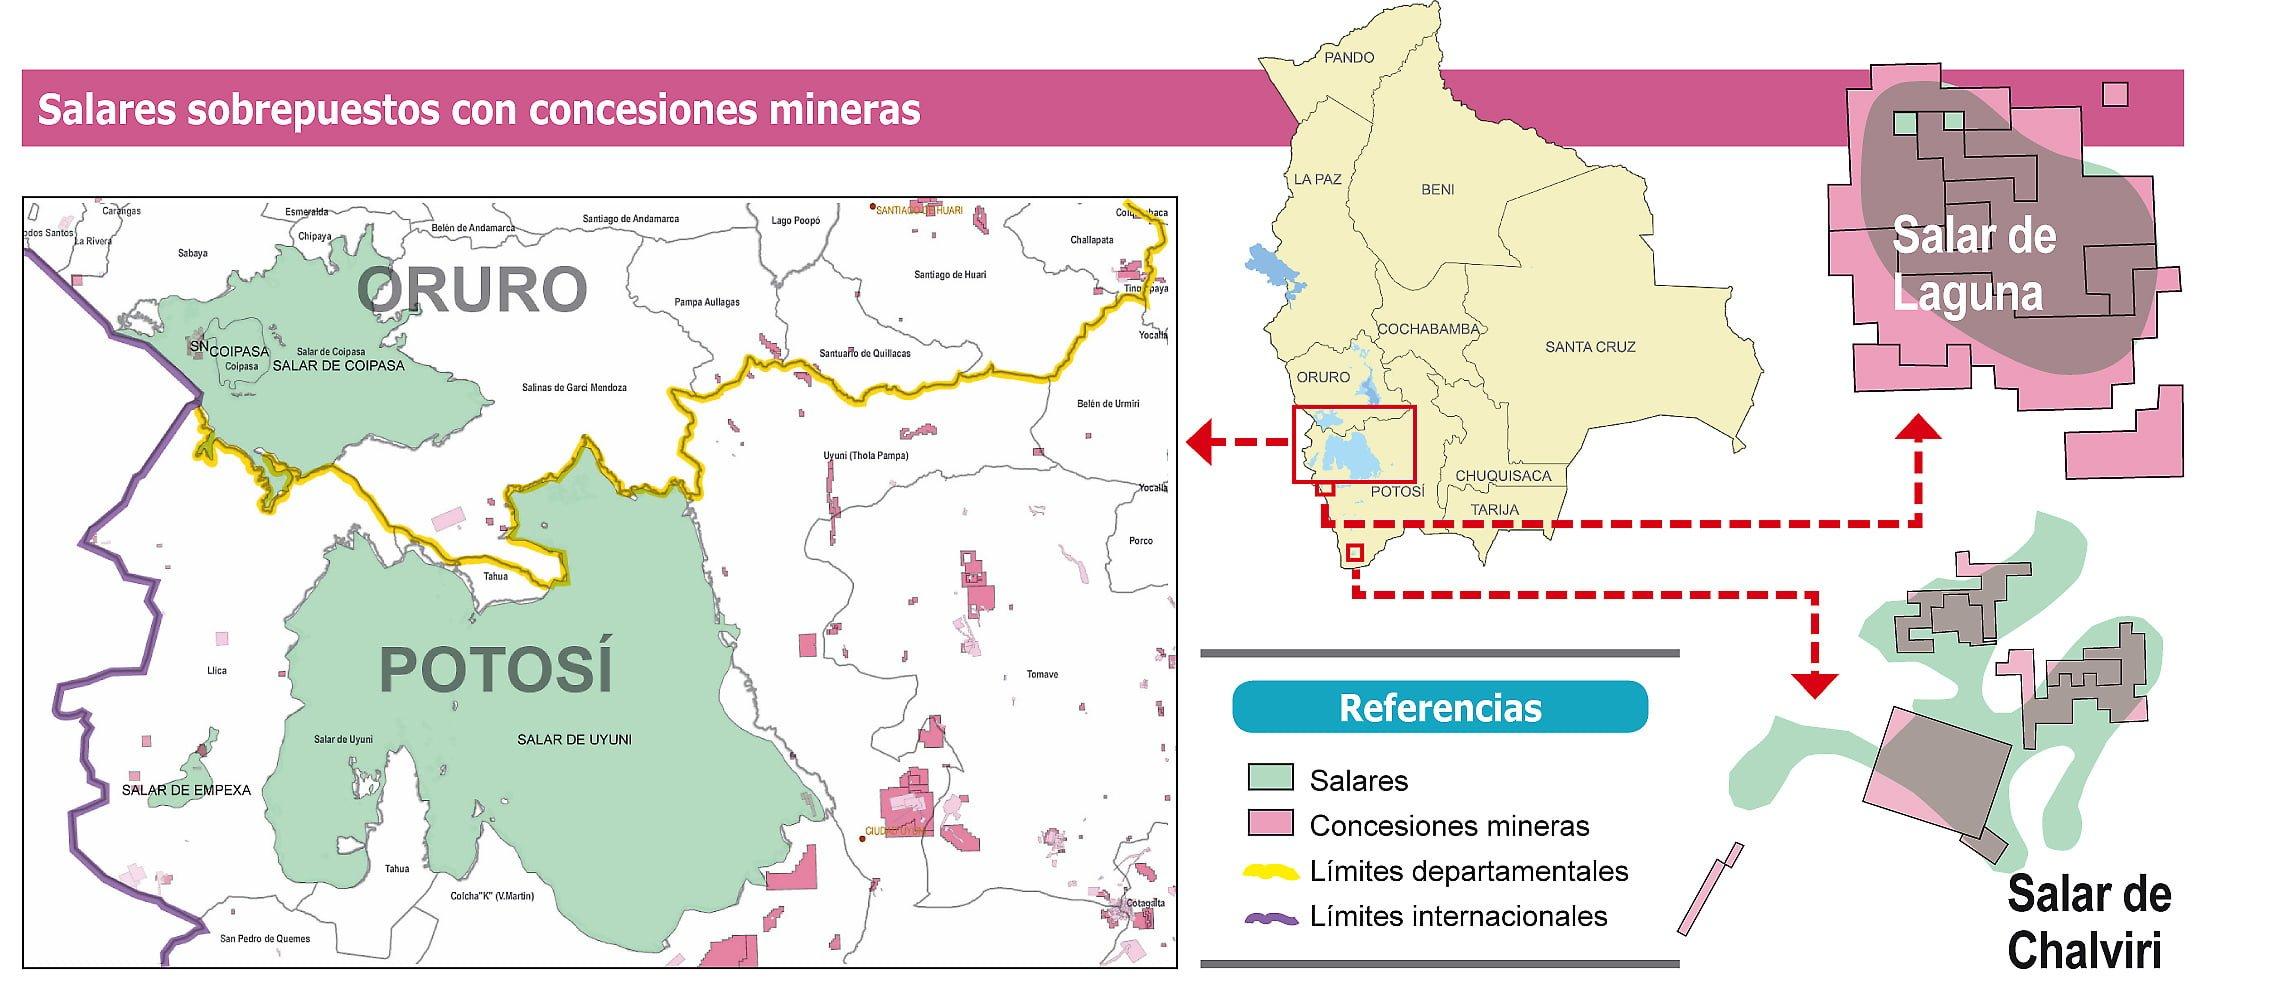 Salares y concesiones mineras (Petropress 30, 1.13)